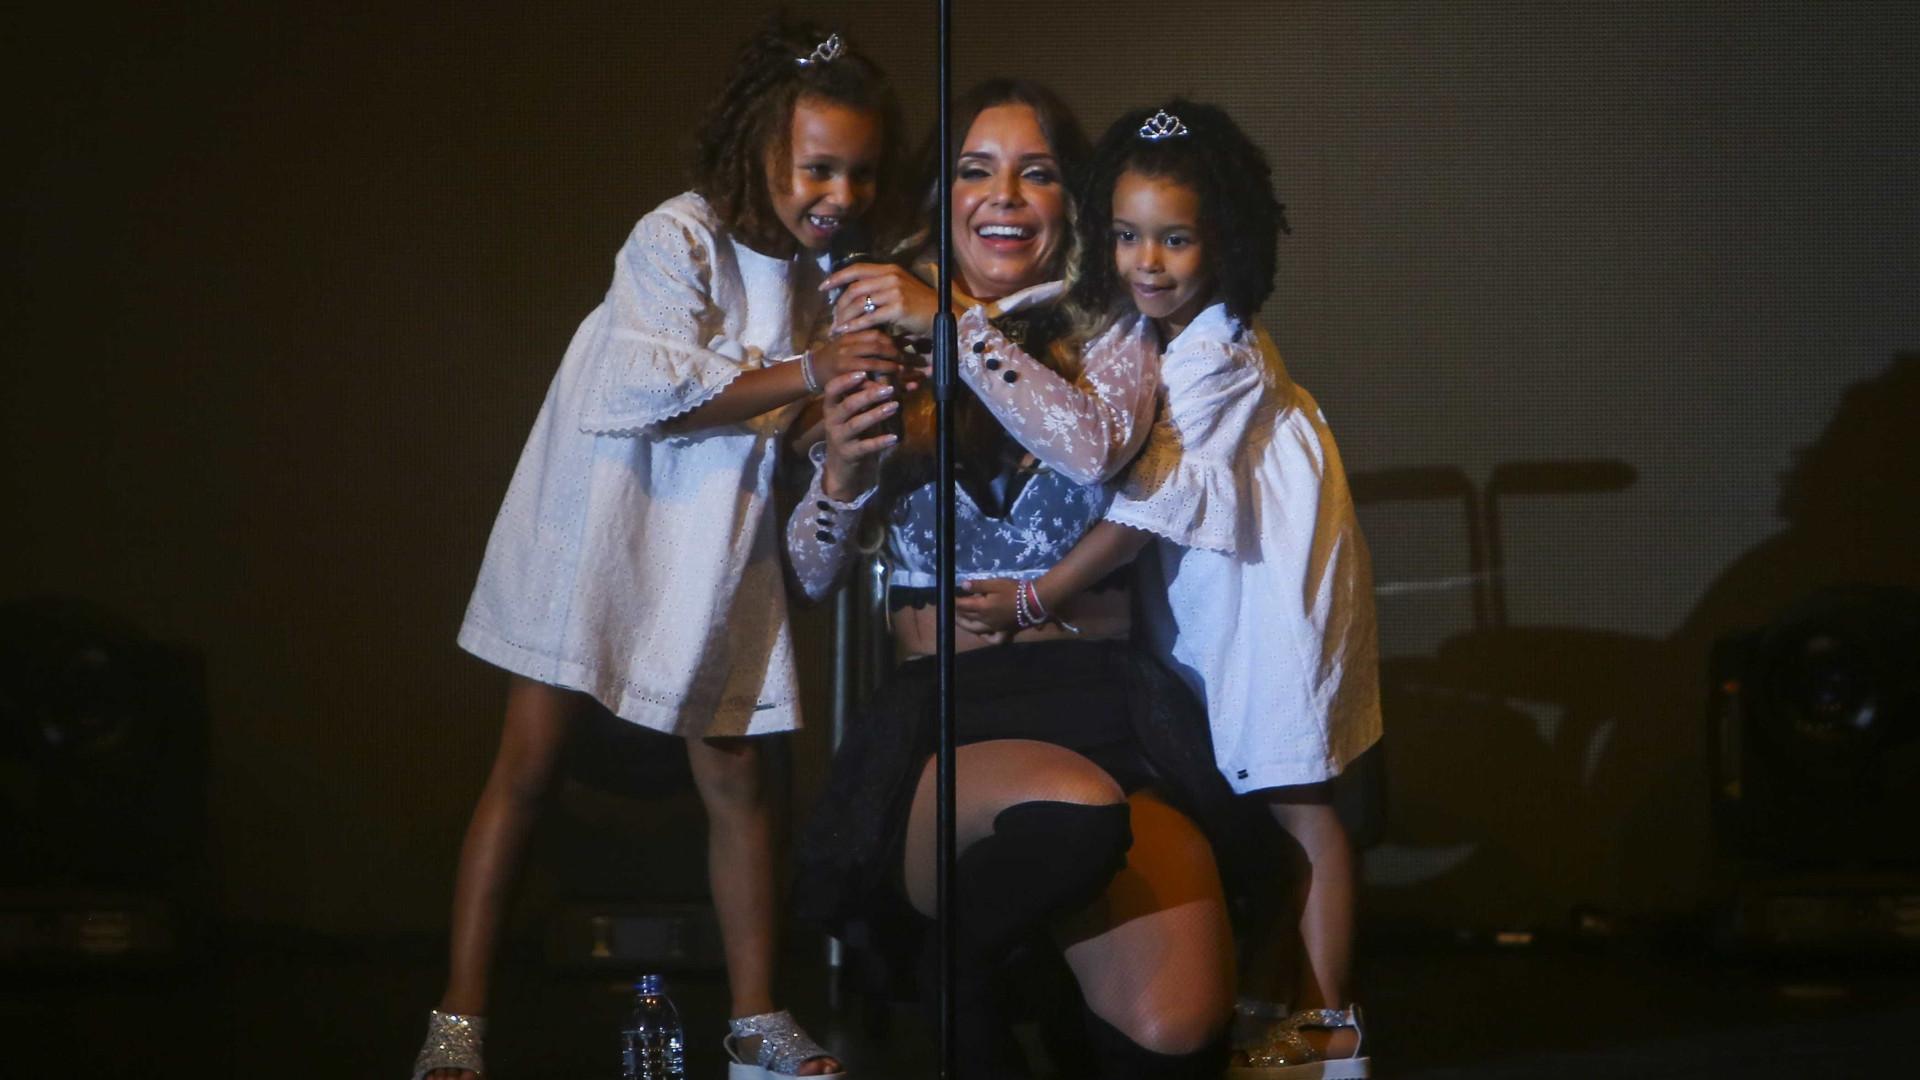 Luciana Abreu proporciona dia especial à filha mais velha